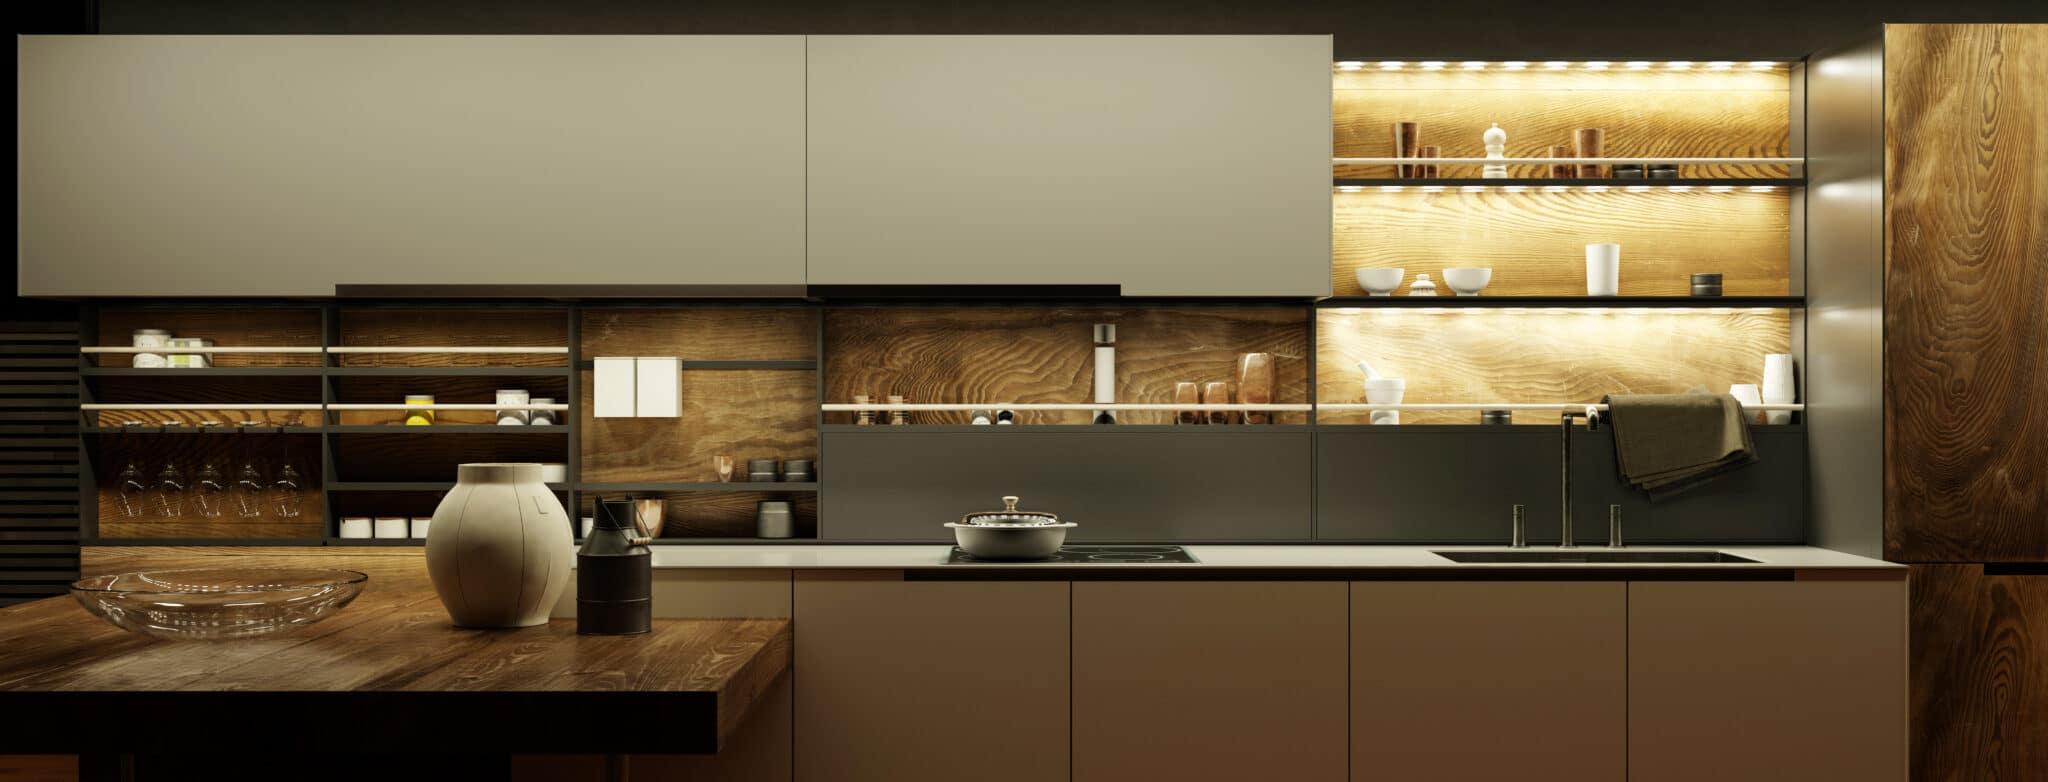 מטבחים מעץ רשת לעיצוב וייצור מטבחים כפריים זמינים בכל זמן עם הרבה רצון לספק מטבחים איכותיים שיודעים להתאים מטבחים מתאימים לכל לקוח במקביל להפעלת המקרר והתנור ללקוח במטבח שלו